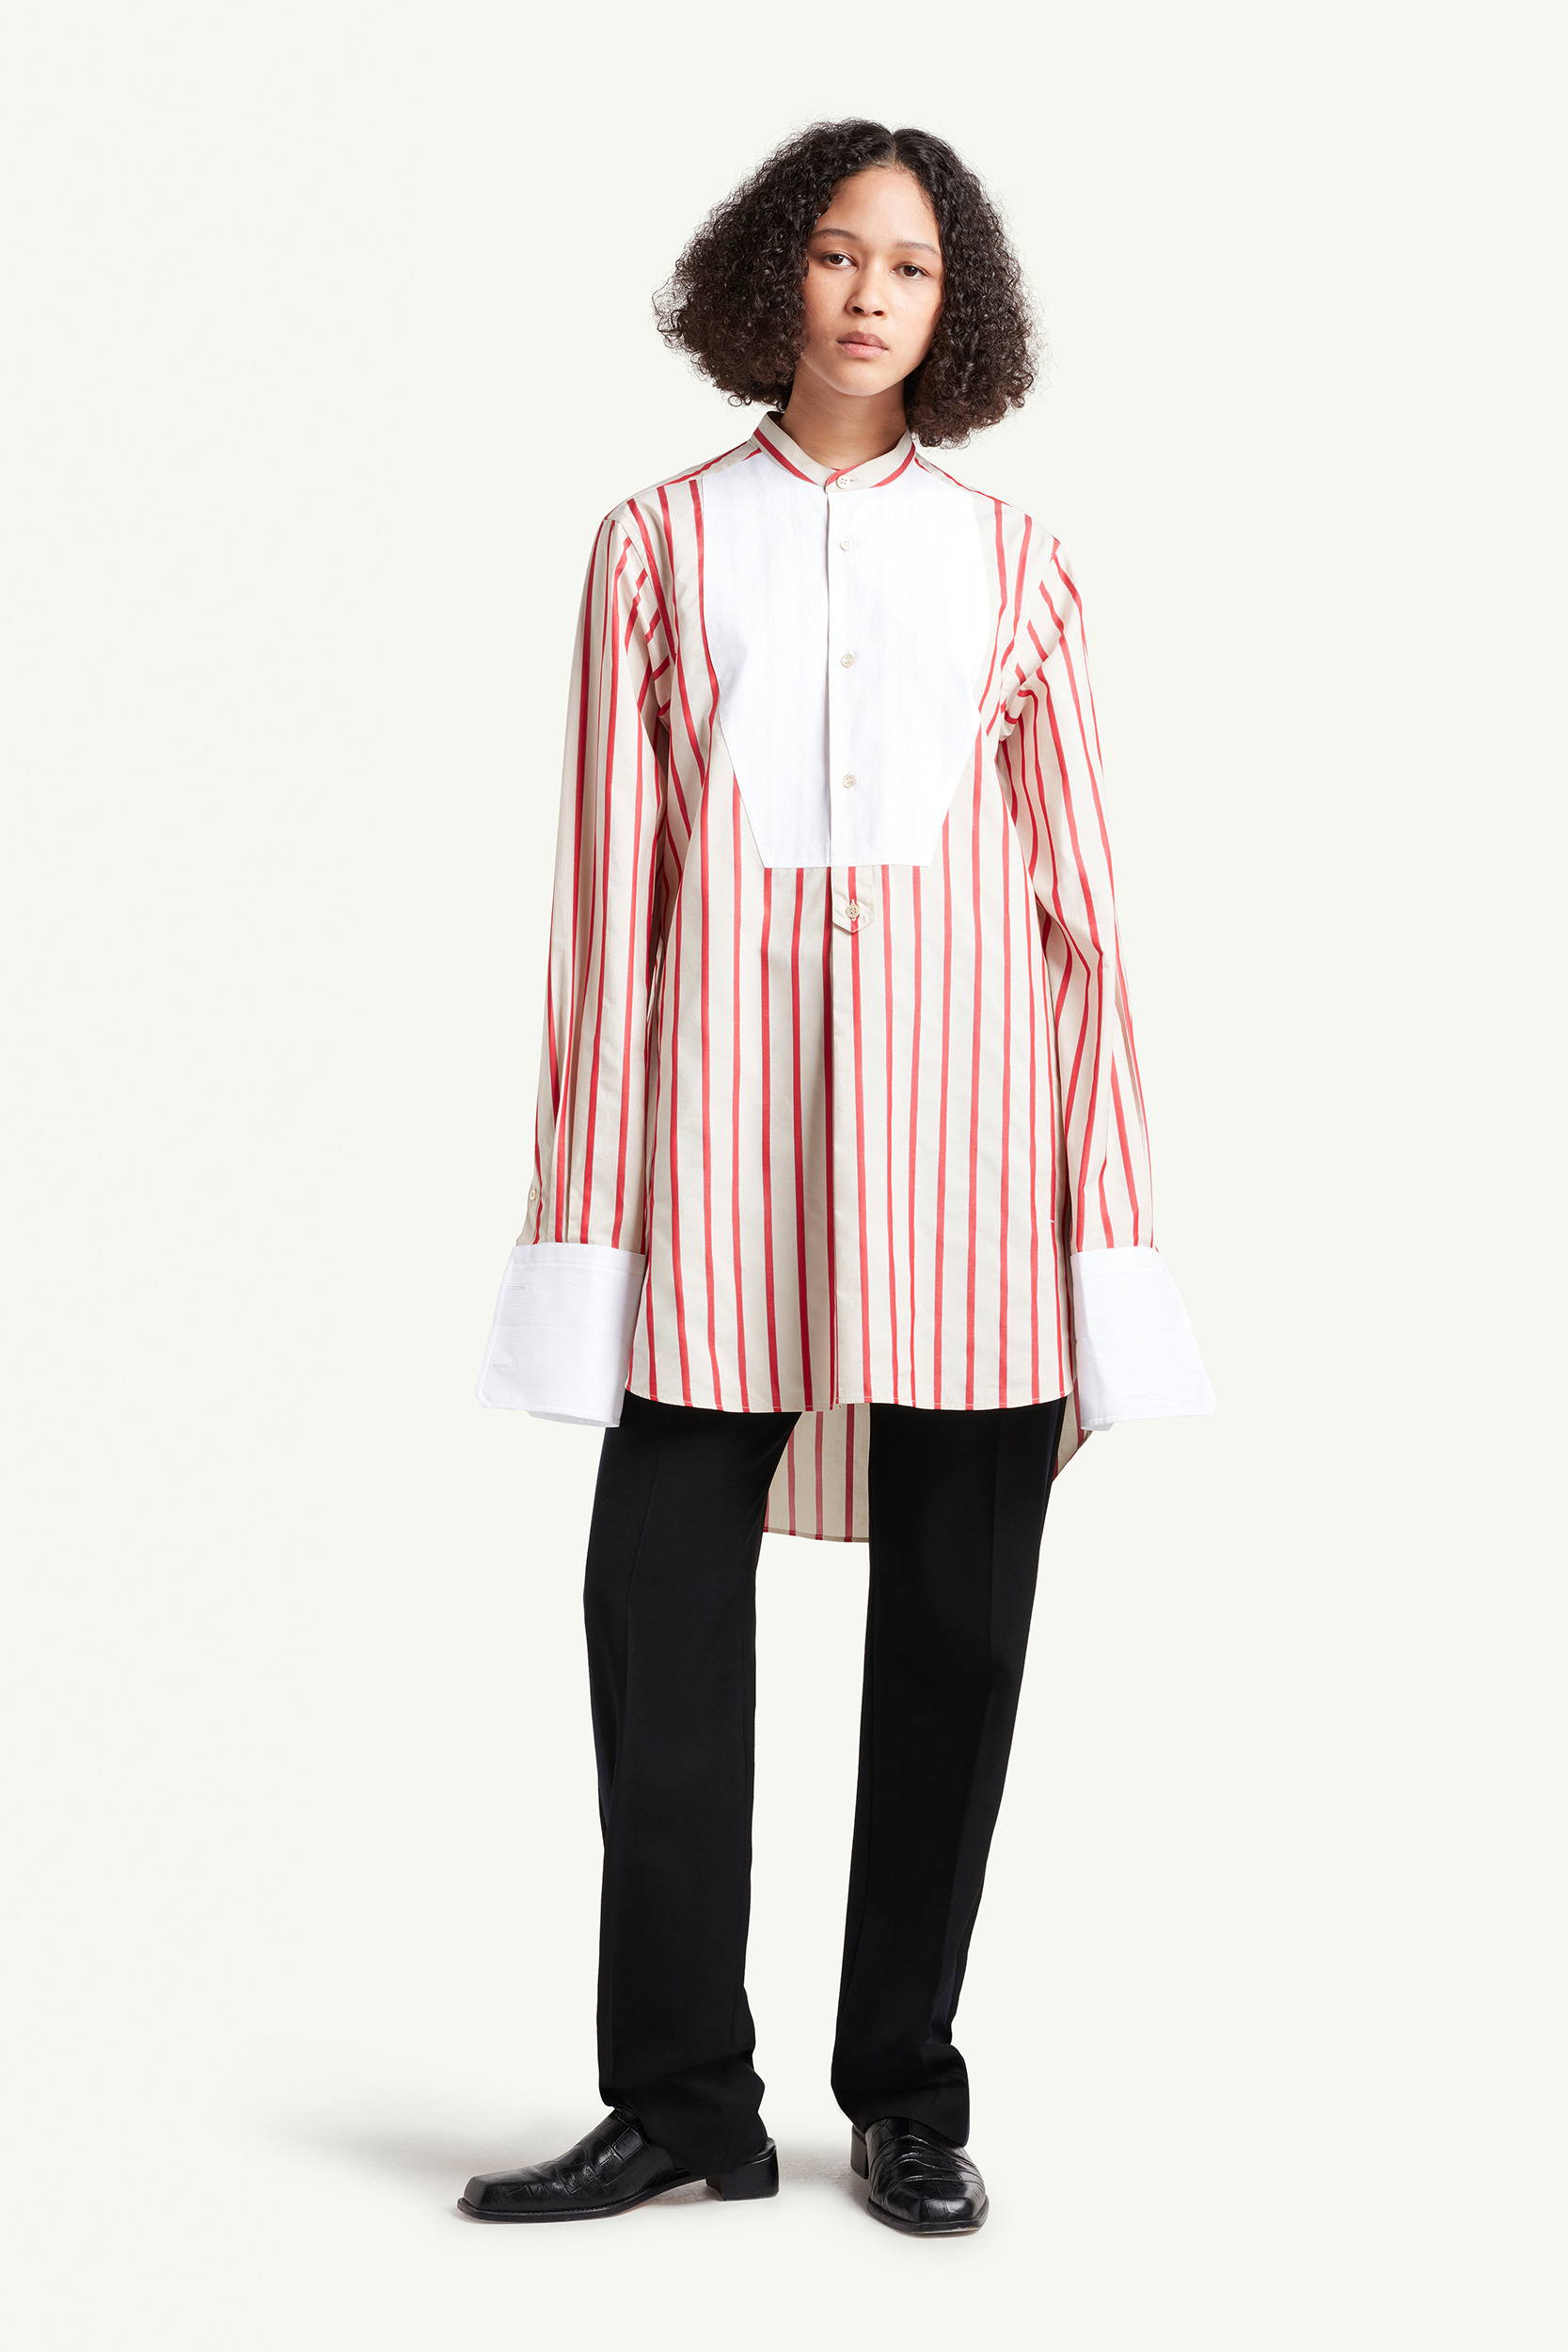 Wales Bonner Womenswear Model wearing a red striped long shirt | LRP